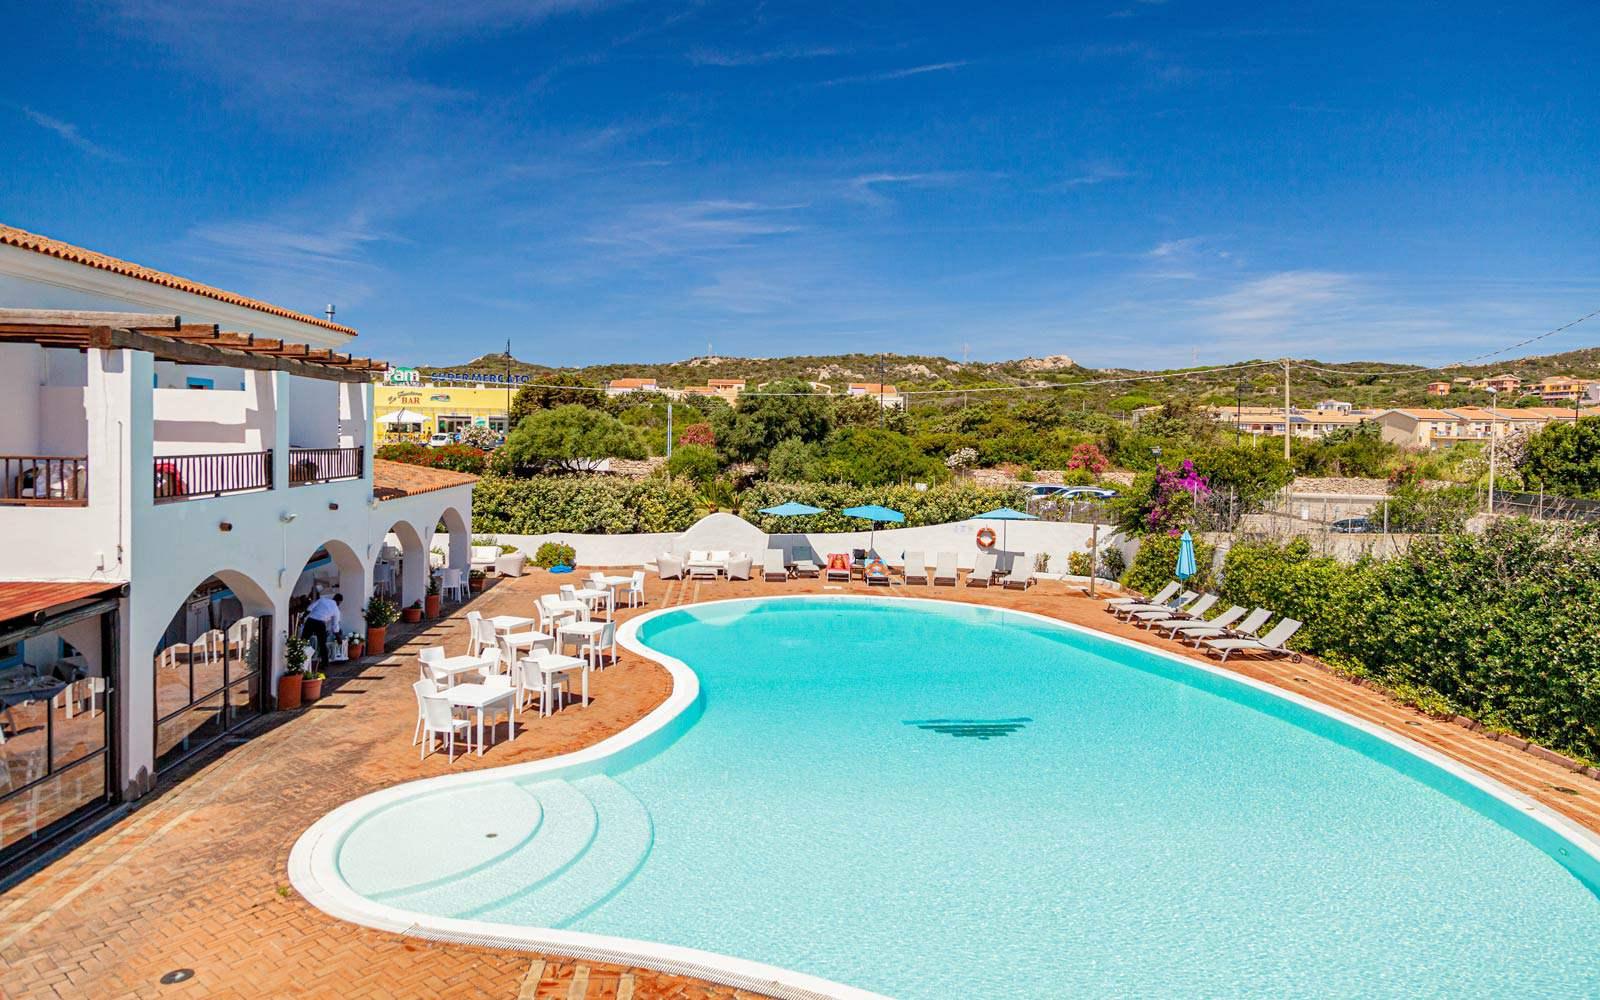 Hotel La Funtana Swimming Pool